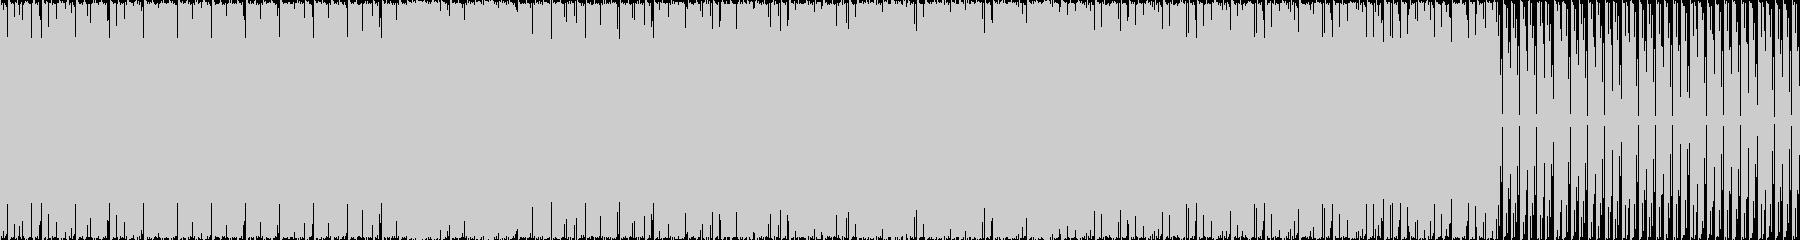 djの方の素材にも使えるTrackです。の未再生の波形